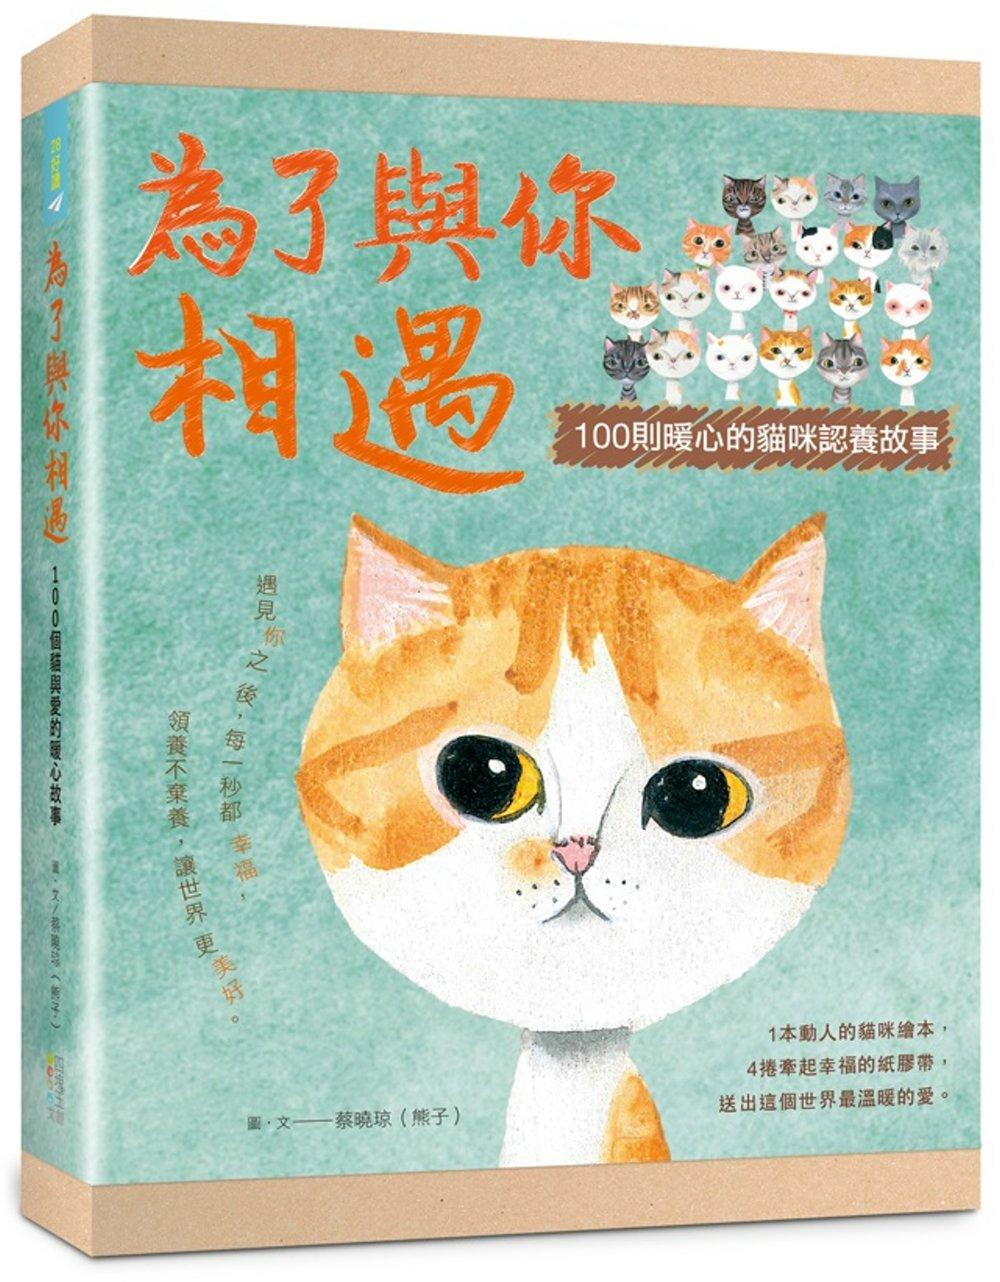 為了與你相遇:100則暖心的貓咪認養故事紙膠帶禮物書